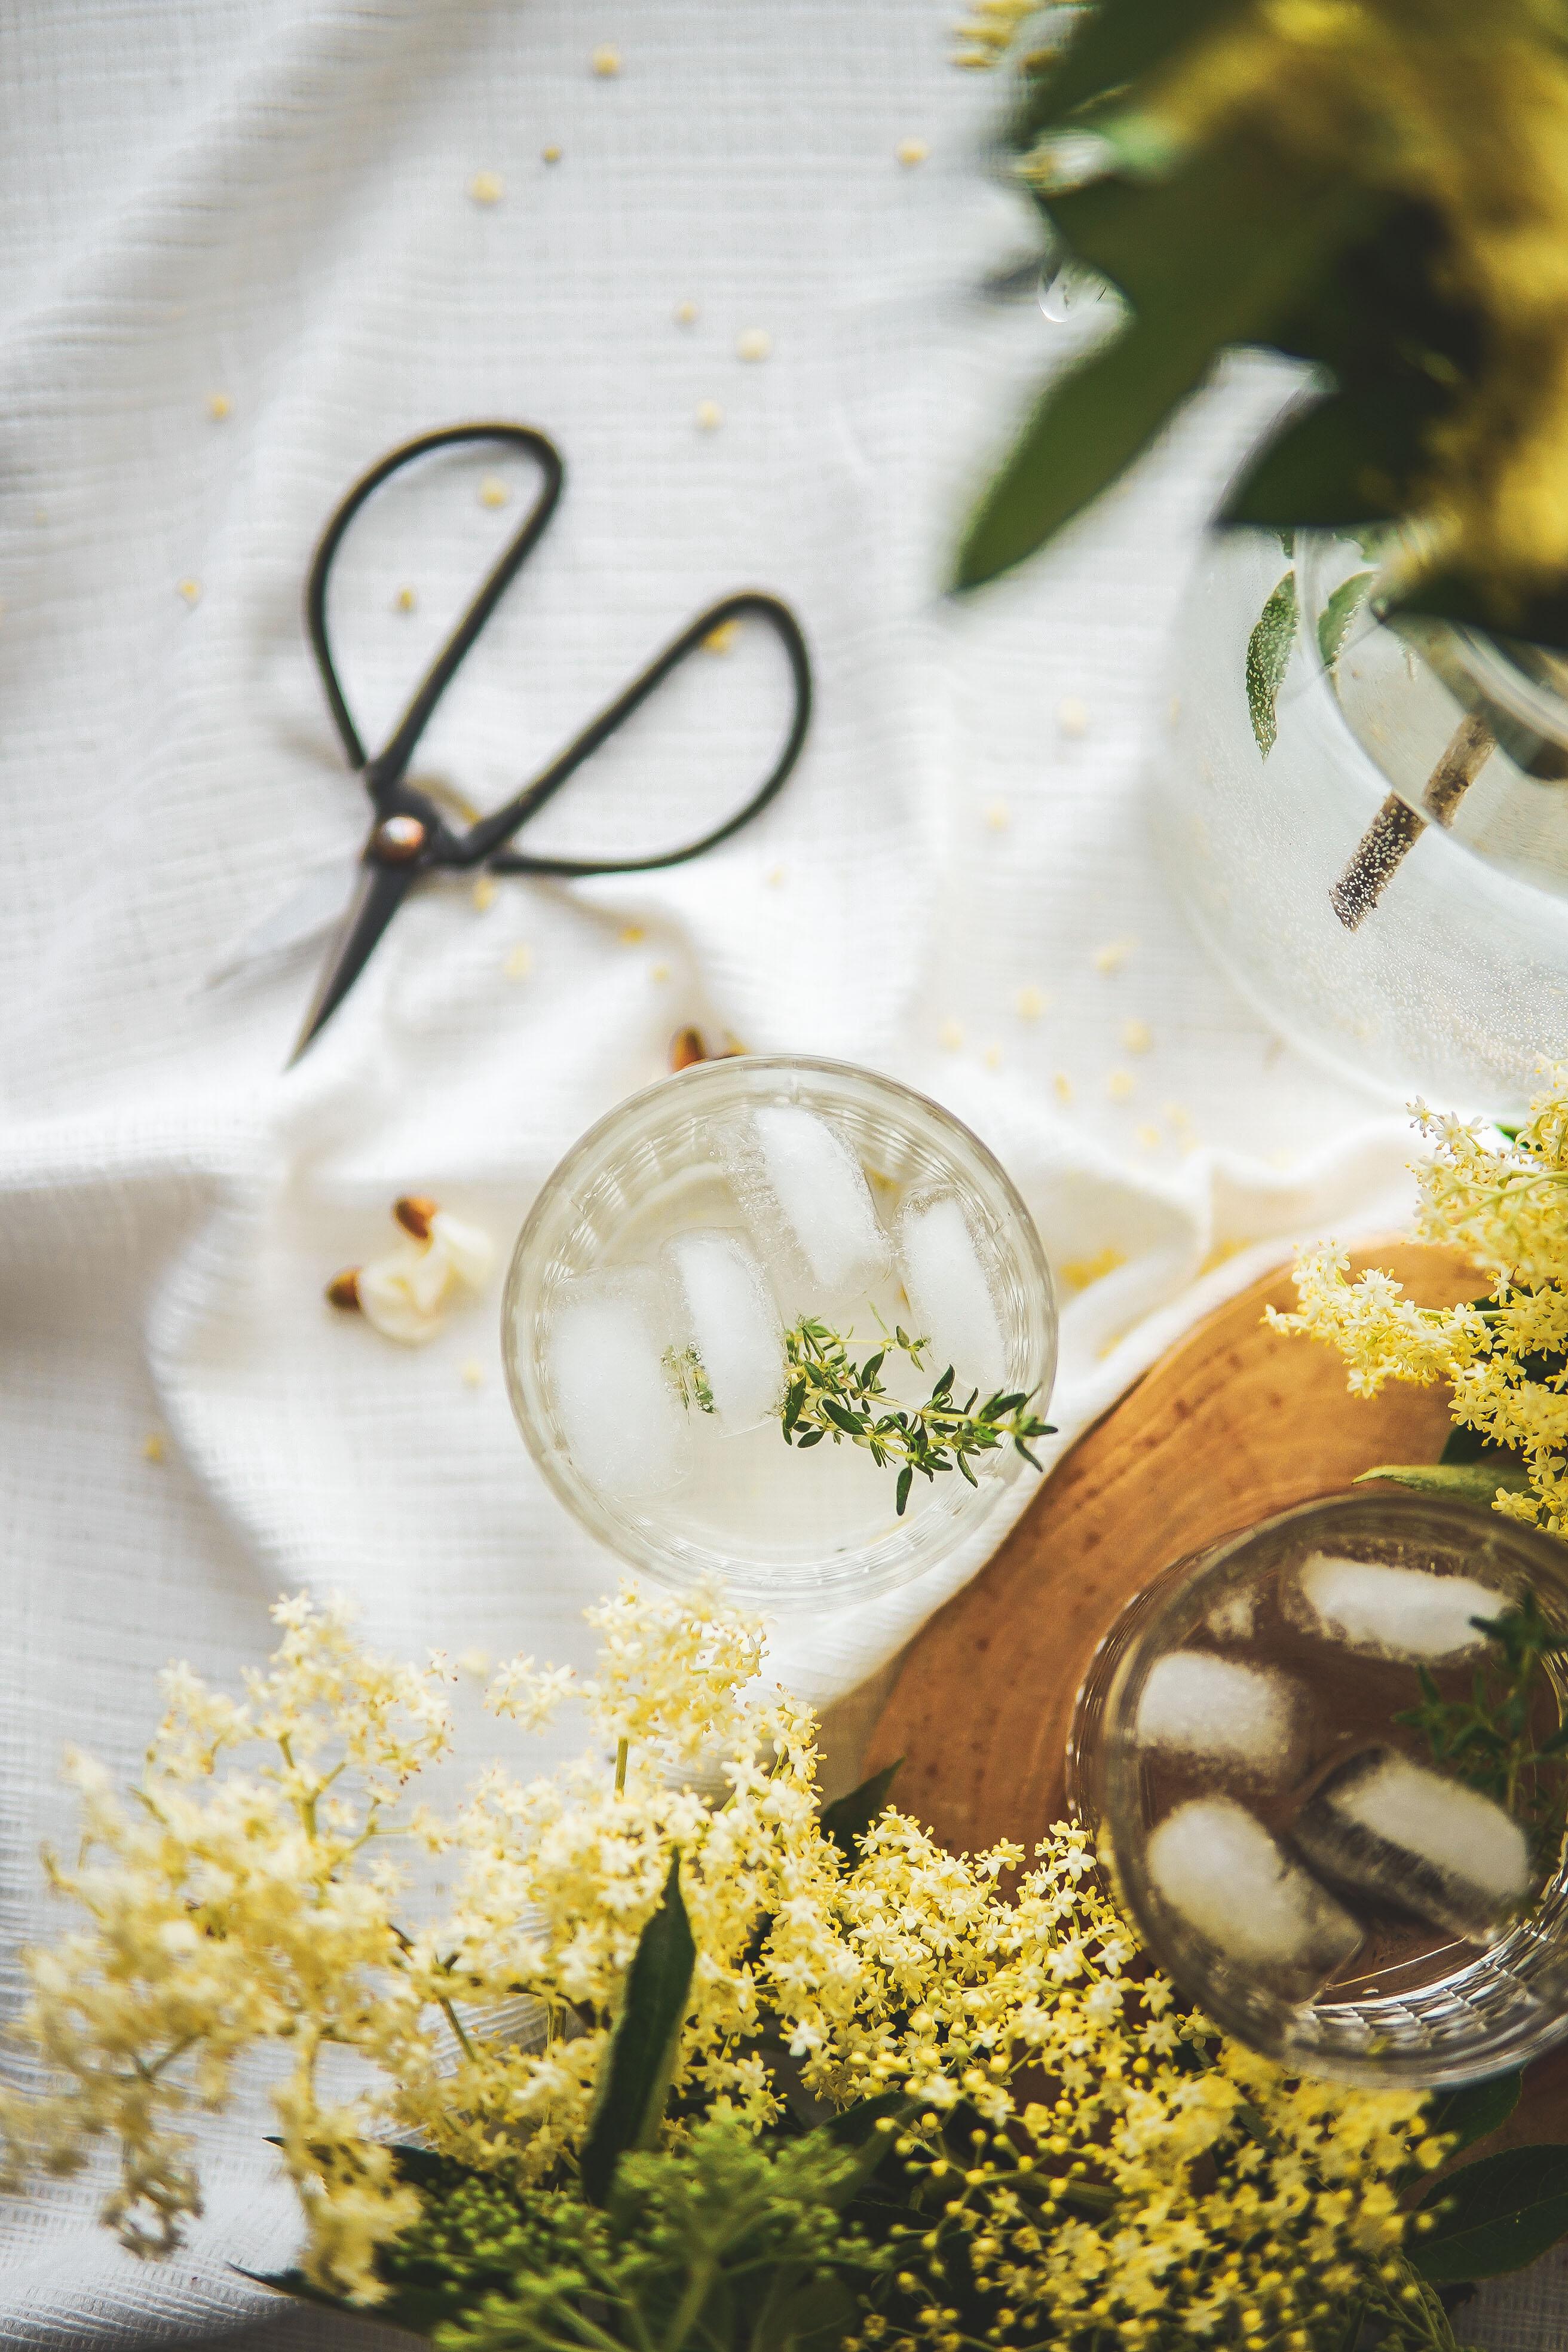 elderflower syrup bazový sirup photography